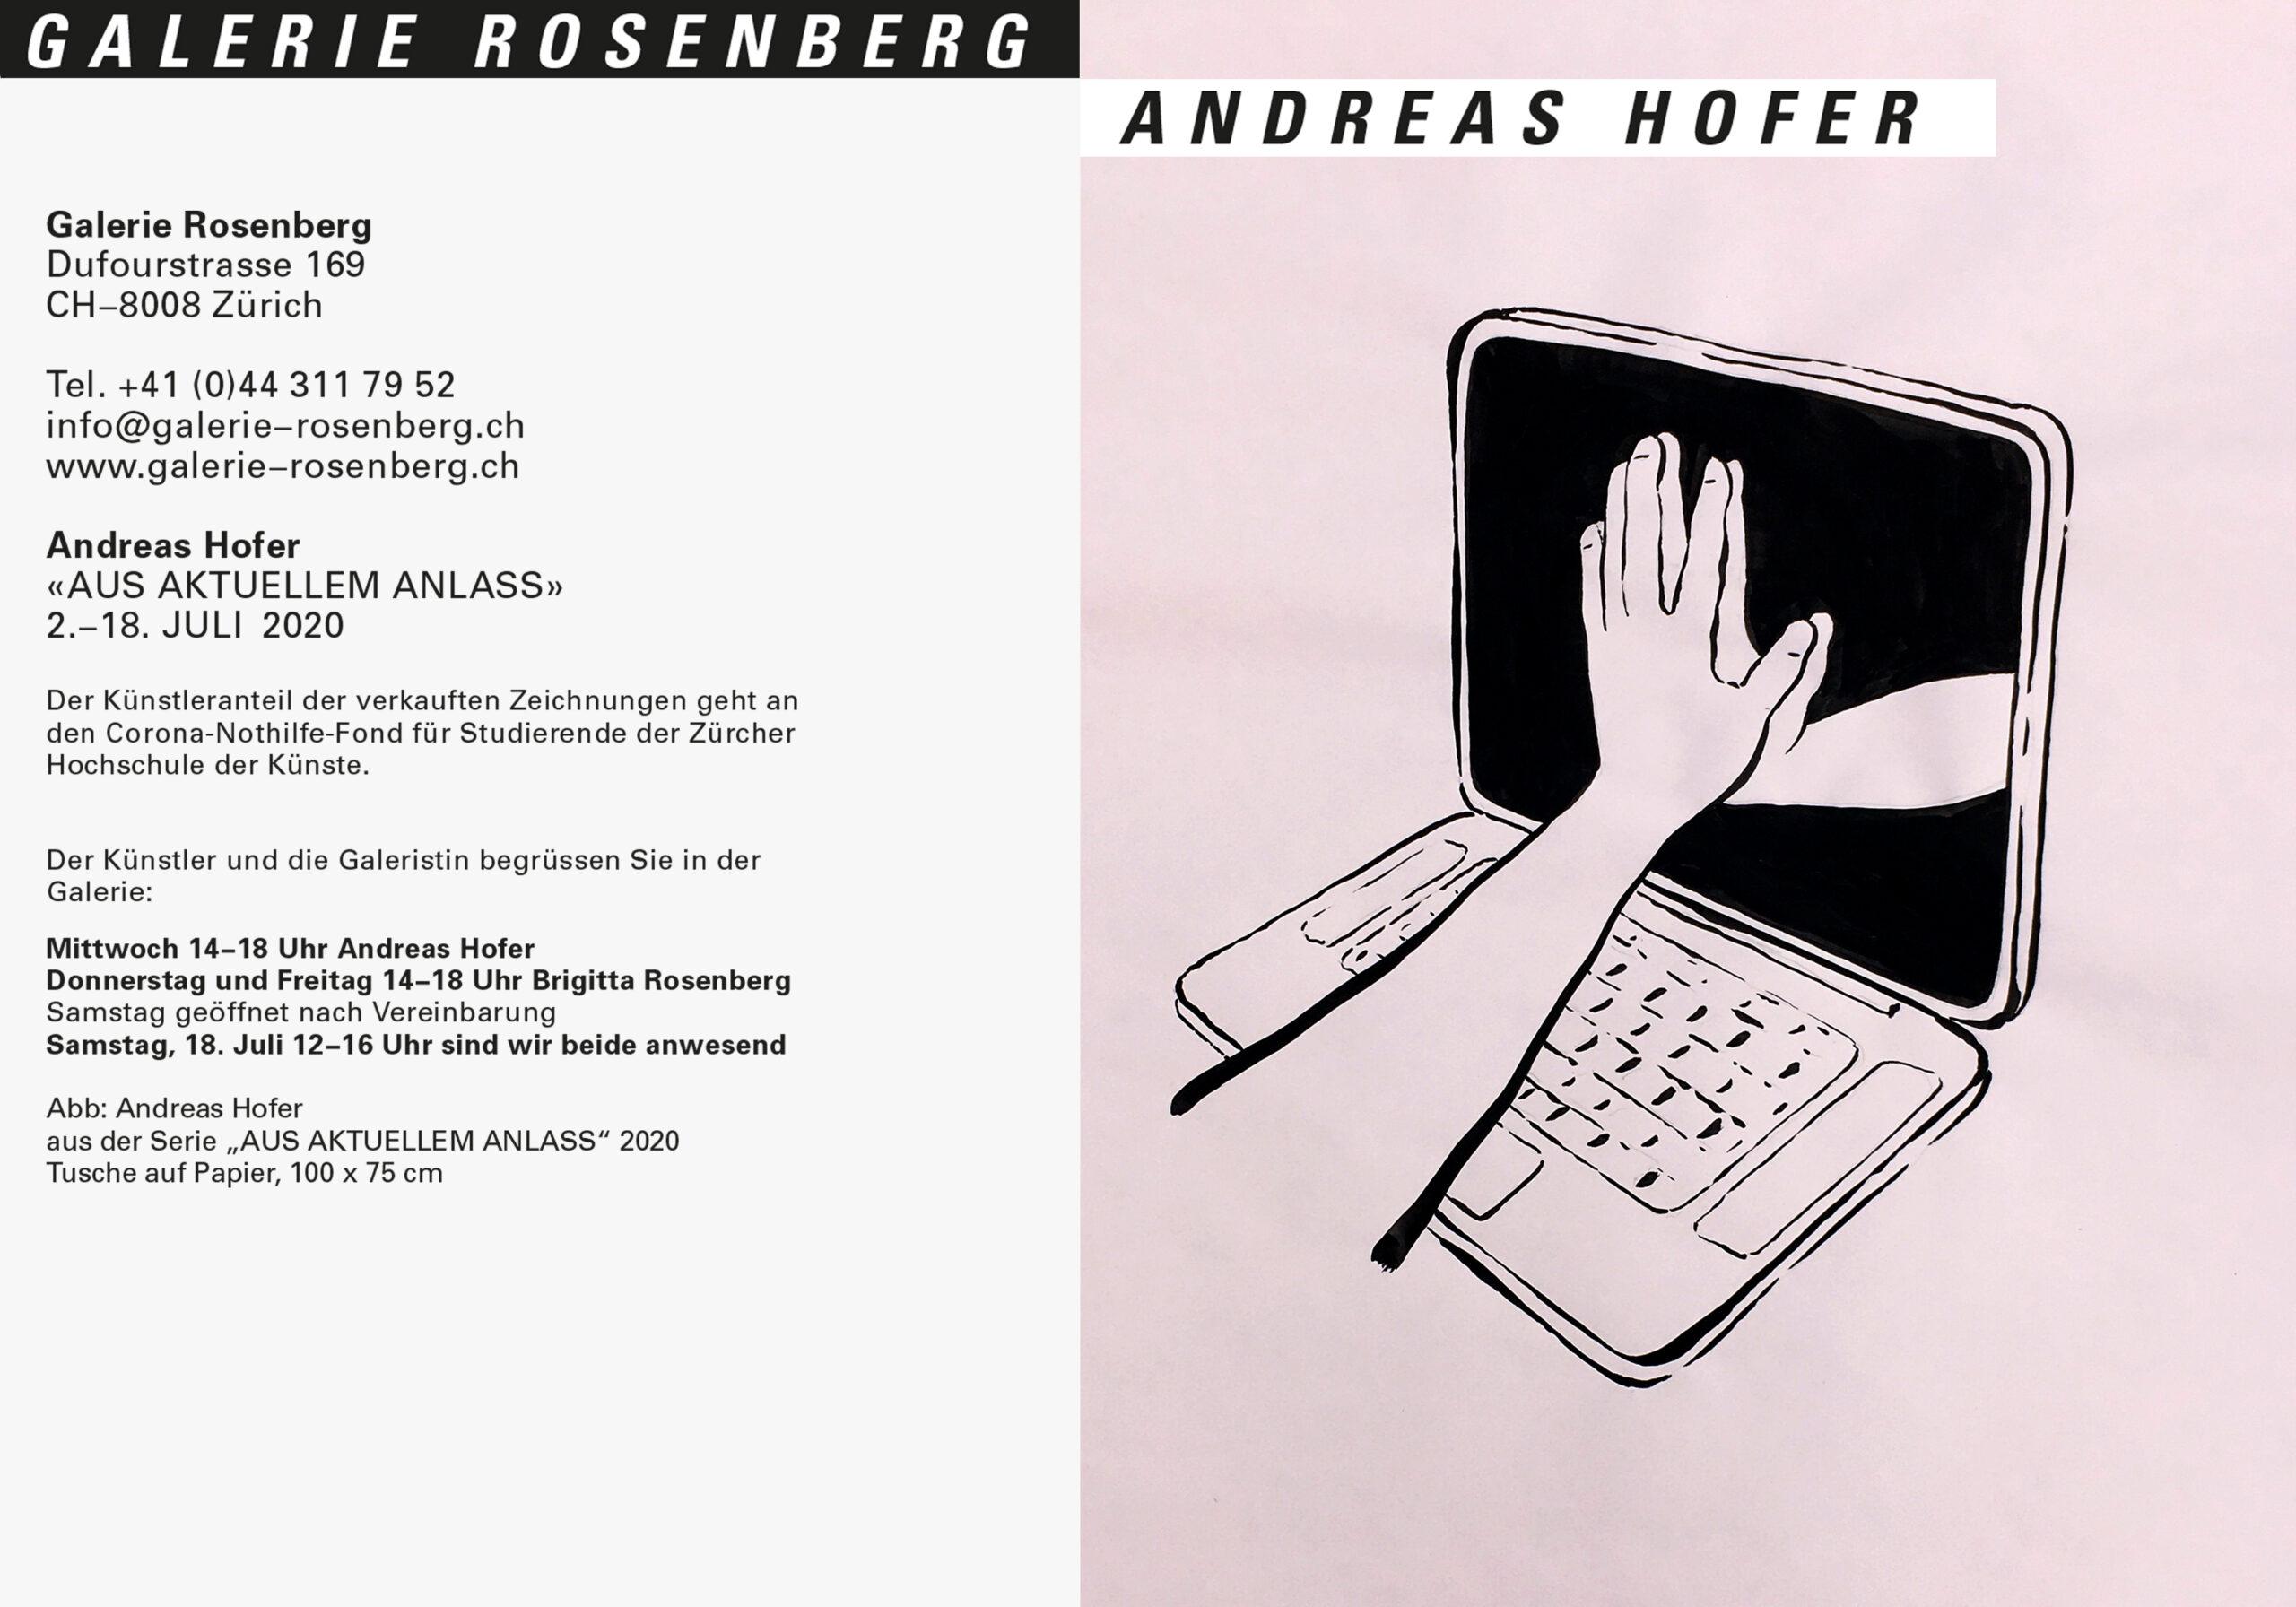 Galerie Rosenberg Zürich 2020